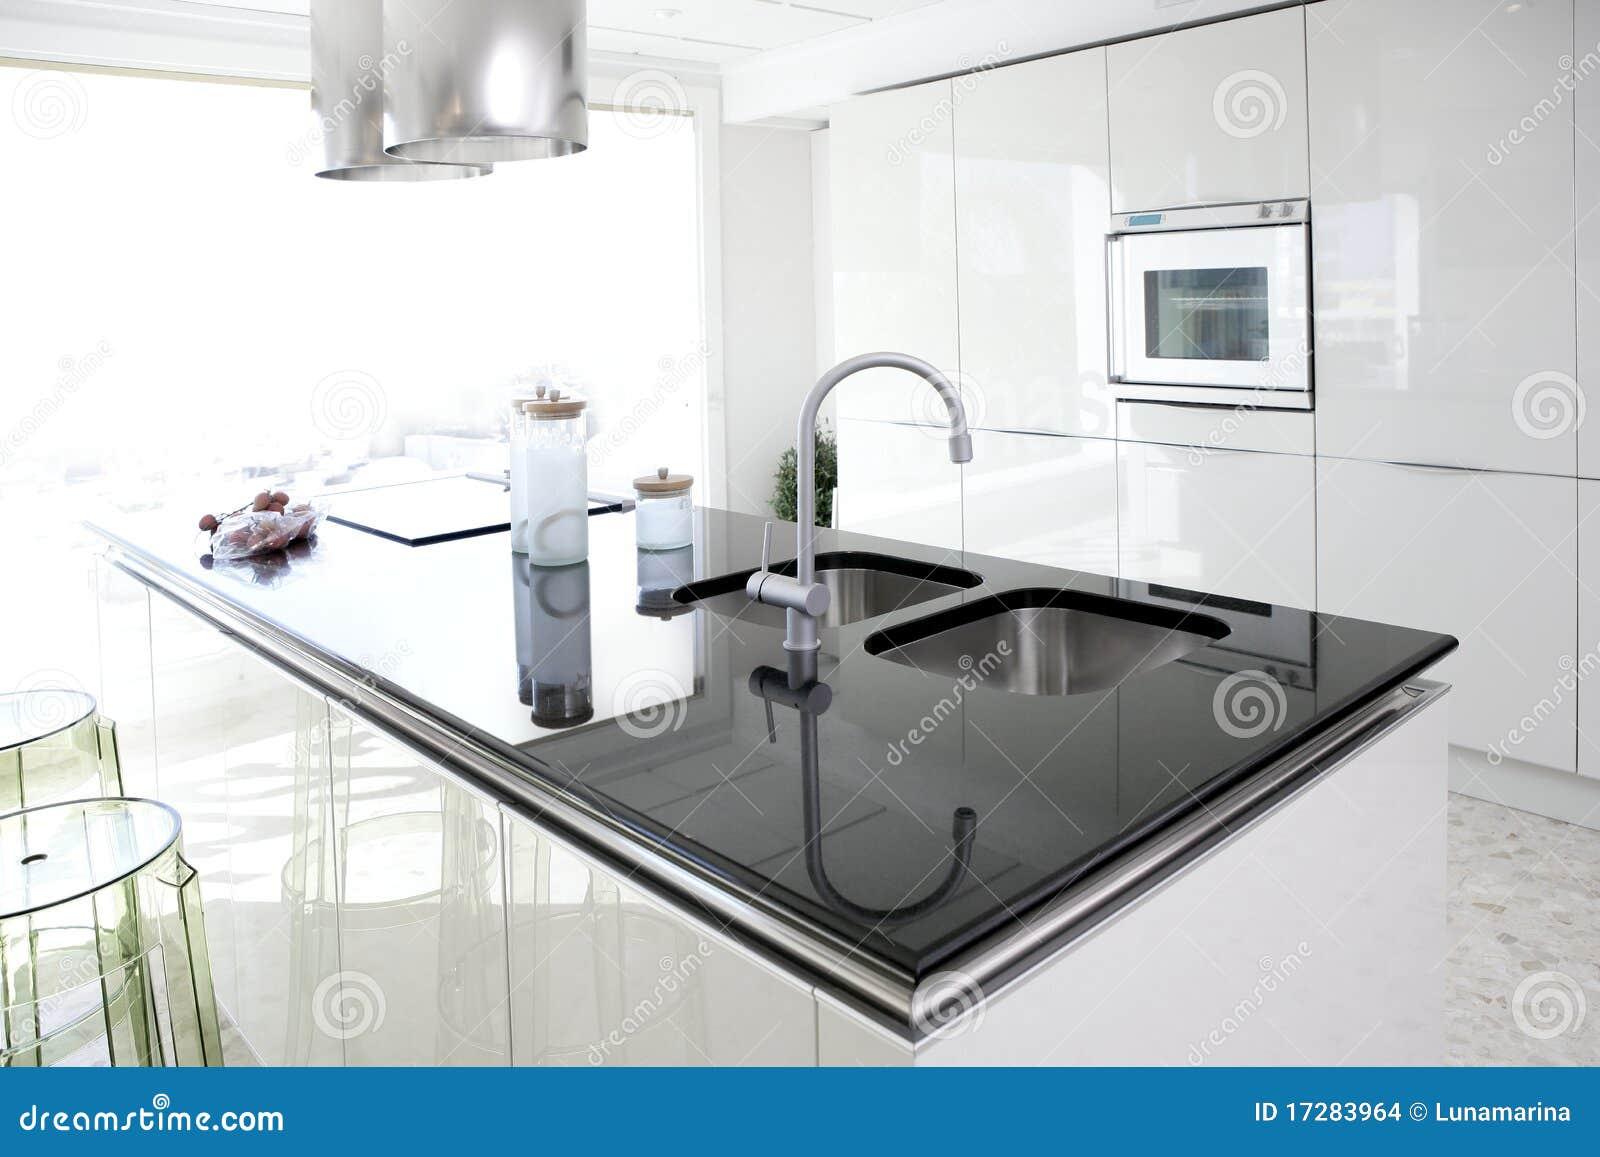 Modern white kitchen clean interior design stock photo for Clean interior design